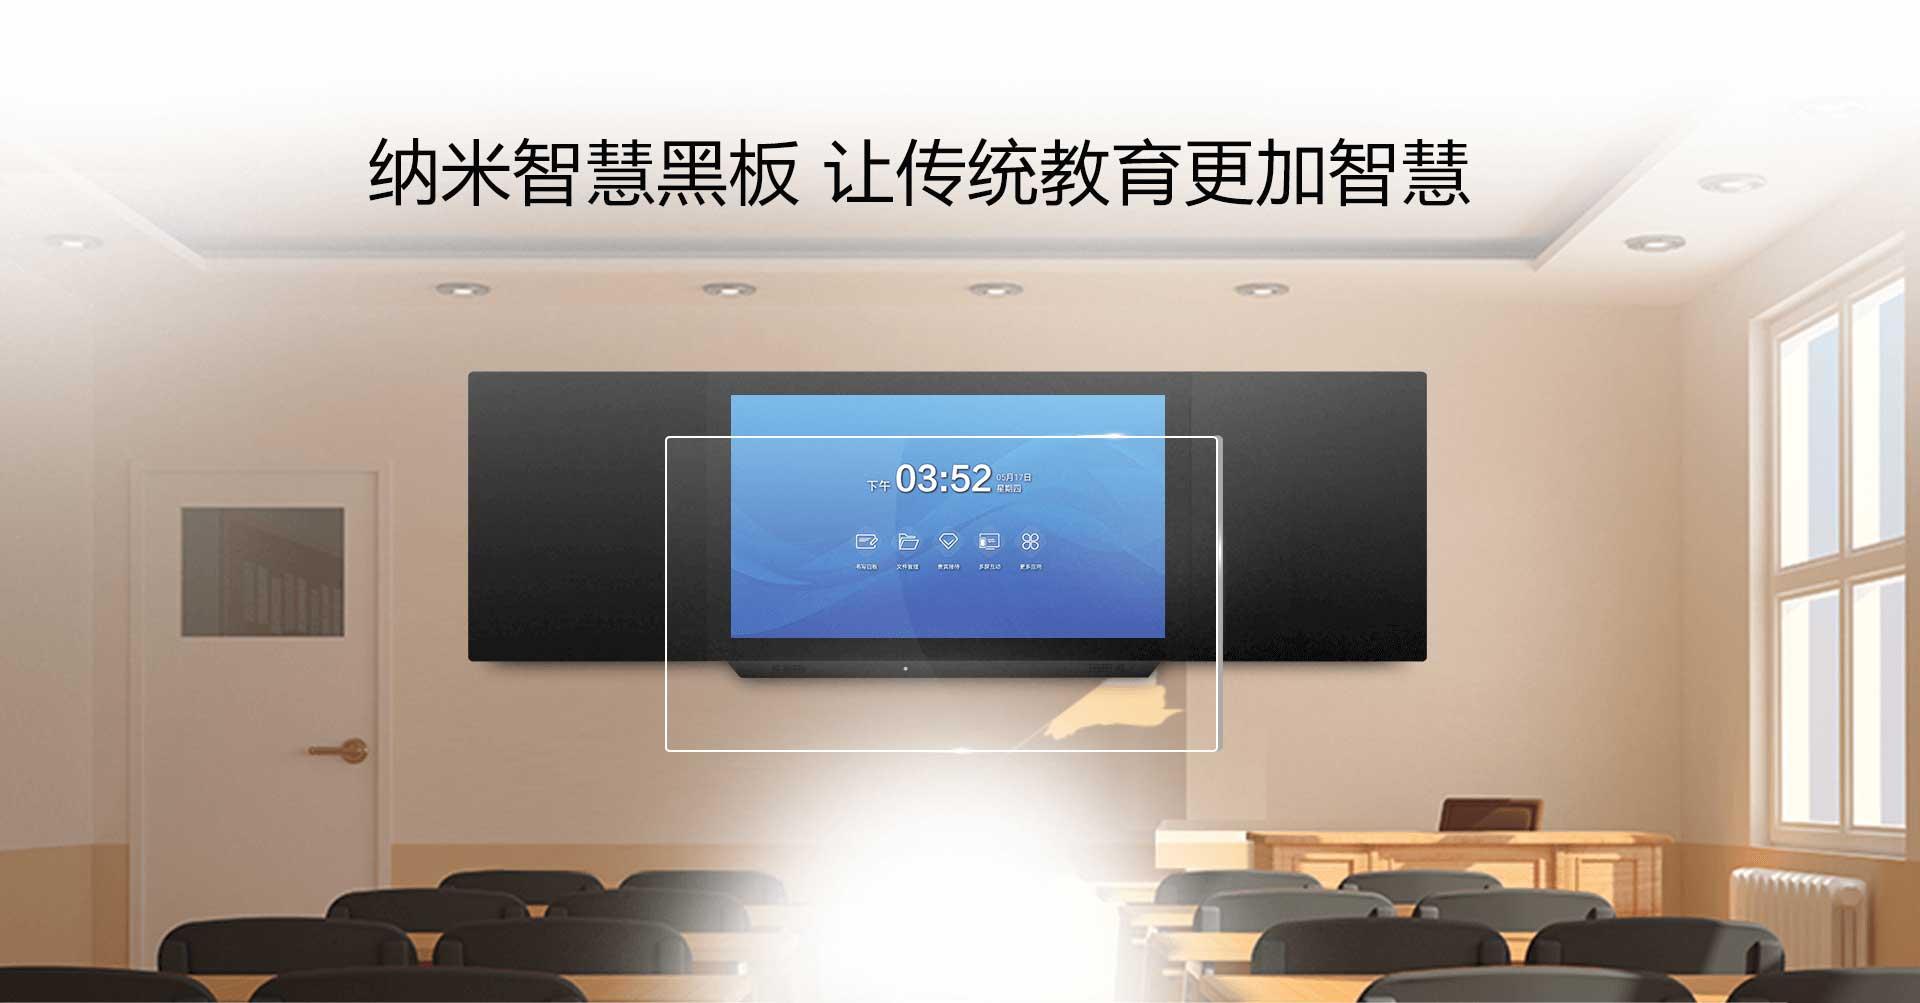 会议平板,会议一体机,智能会议平板,智能会议系统,智慧黑板,纳米黑板,触控一体机,远程会议系统,视频会议,智能会议一体机,落地式广告机,立式广告机,触摸一体机,教学一体机,多媒体教学一体机,广告机,智能黑板,壁挂广告机